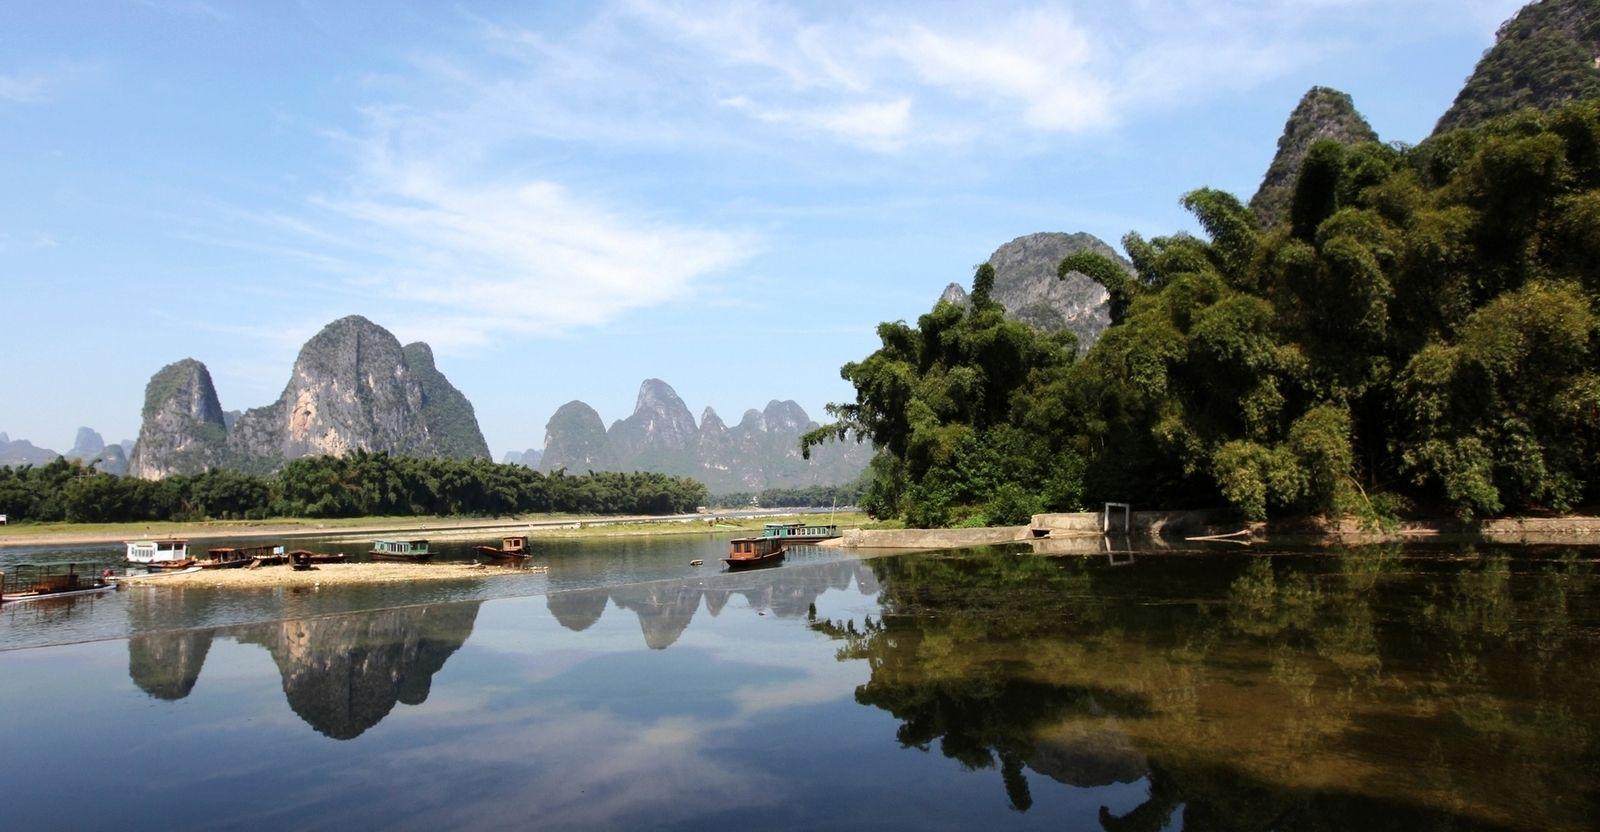 第一次去桂林不可错过的五个景点,不去会遗憾